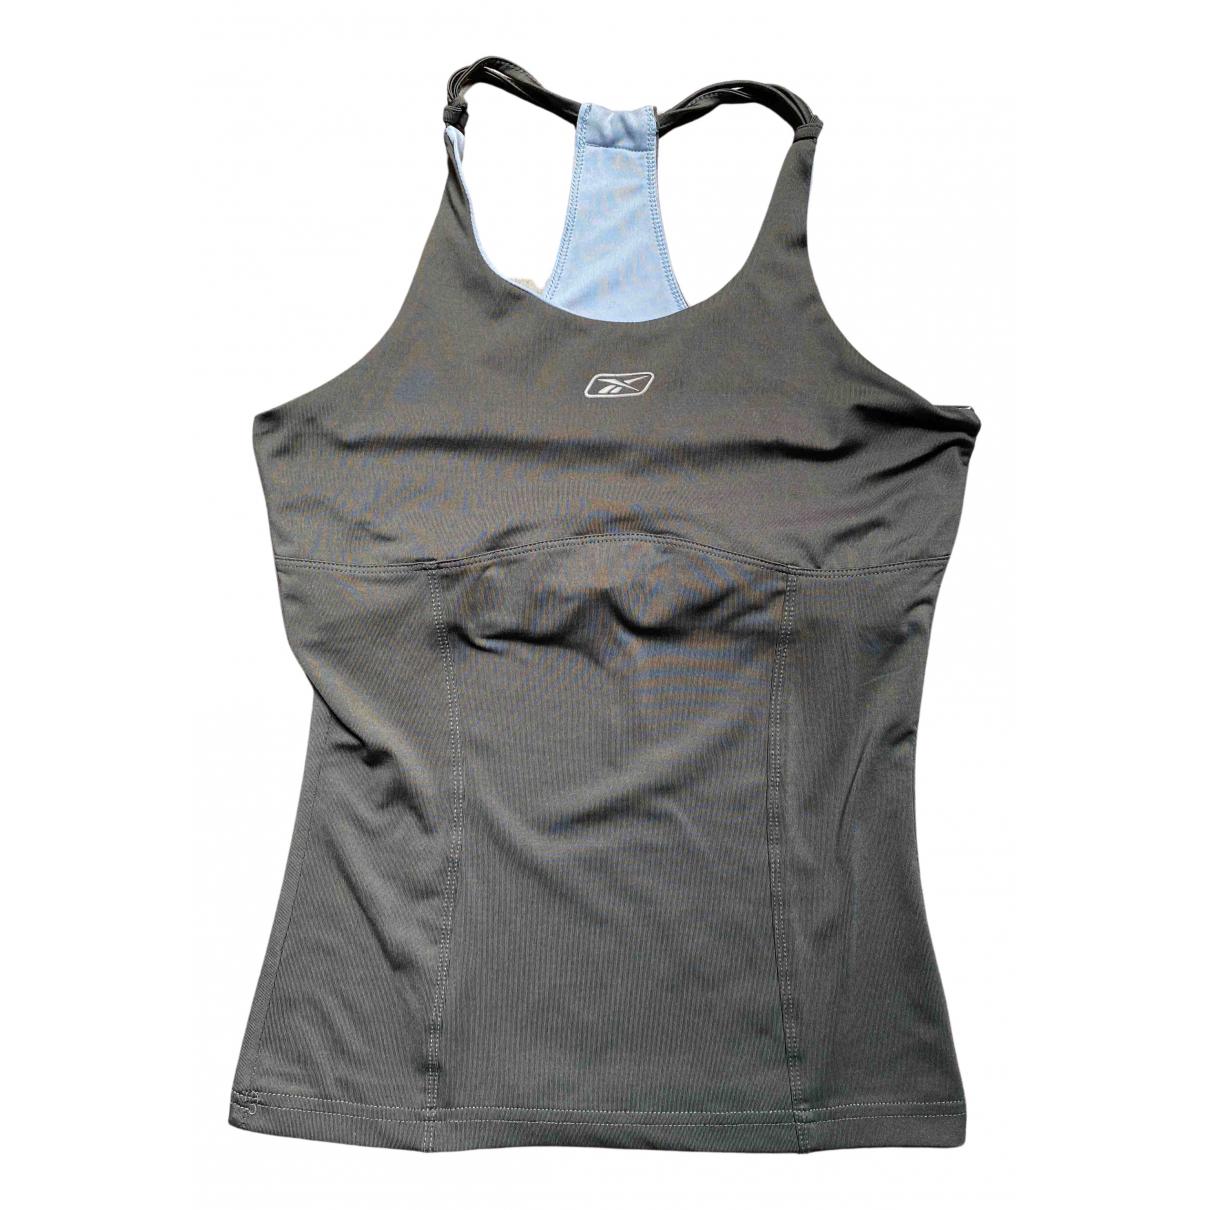 Reebok - Top   pour femme - gris